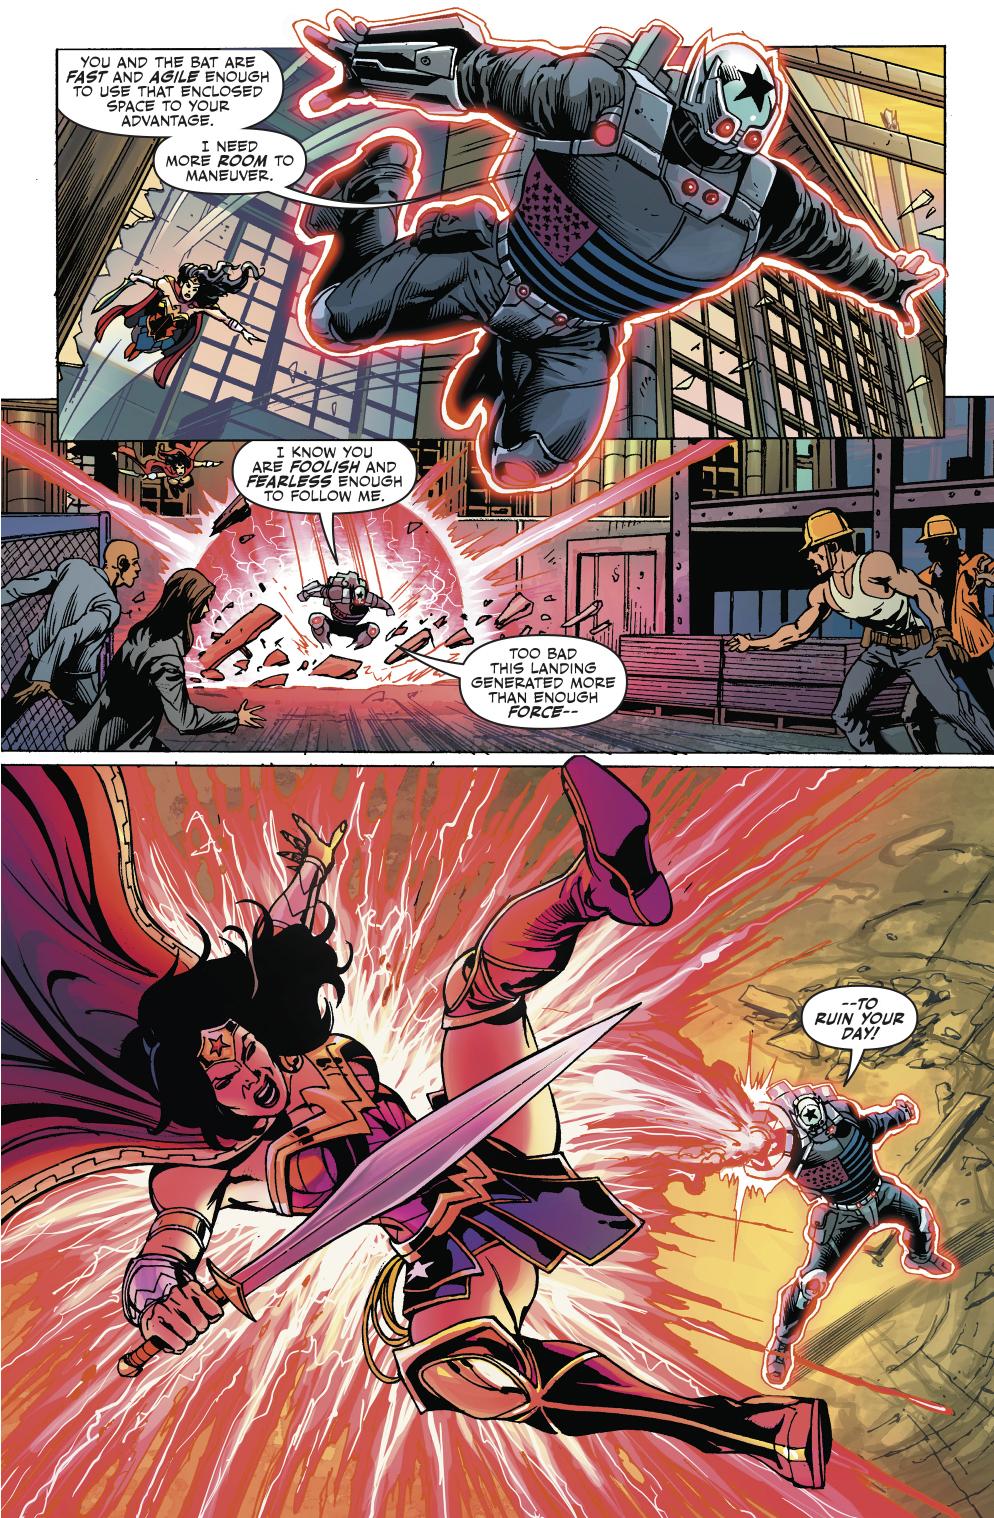 How Jessica Cruz Defeated Black Shield